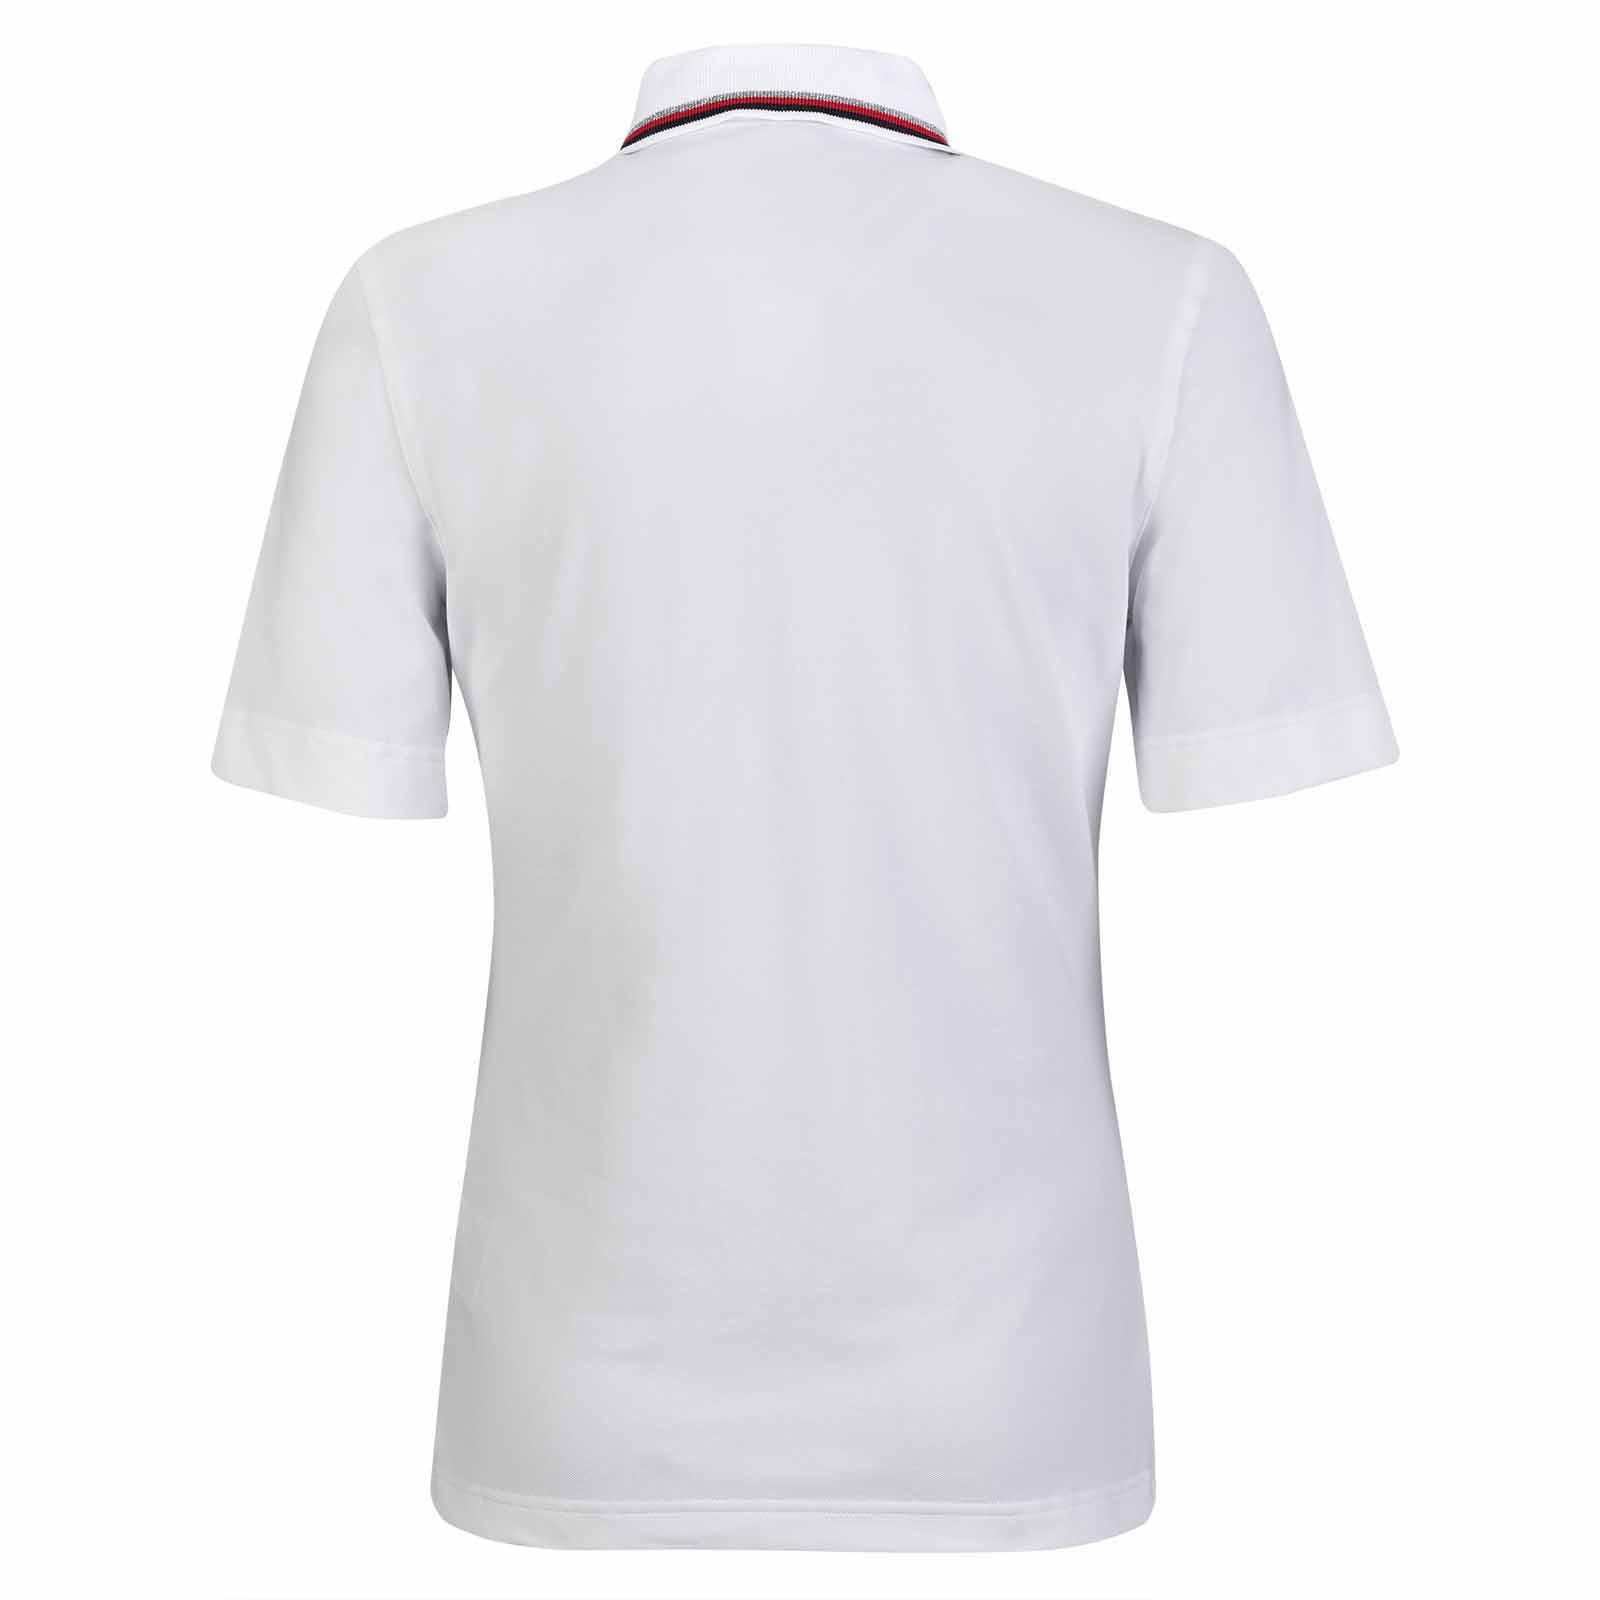 Damen Kurzarm Poloshirt mit Sonnenschutz in Slim Fit